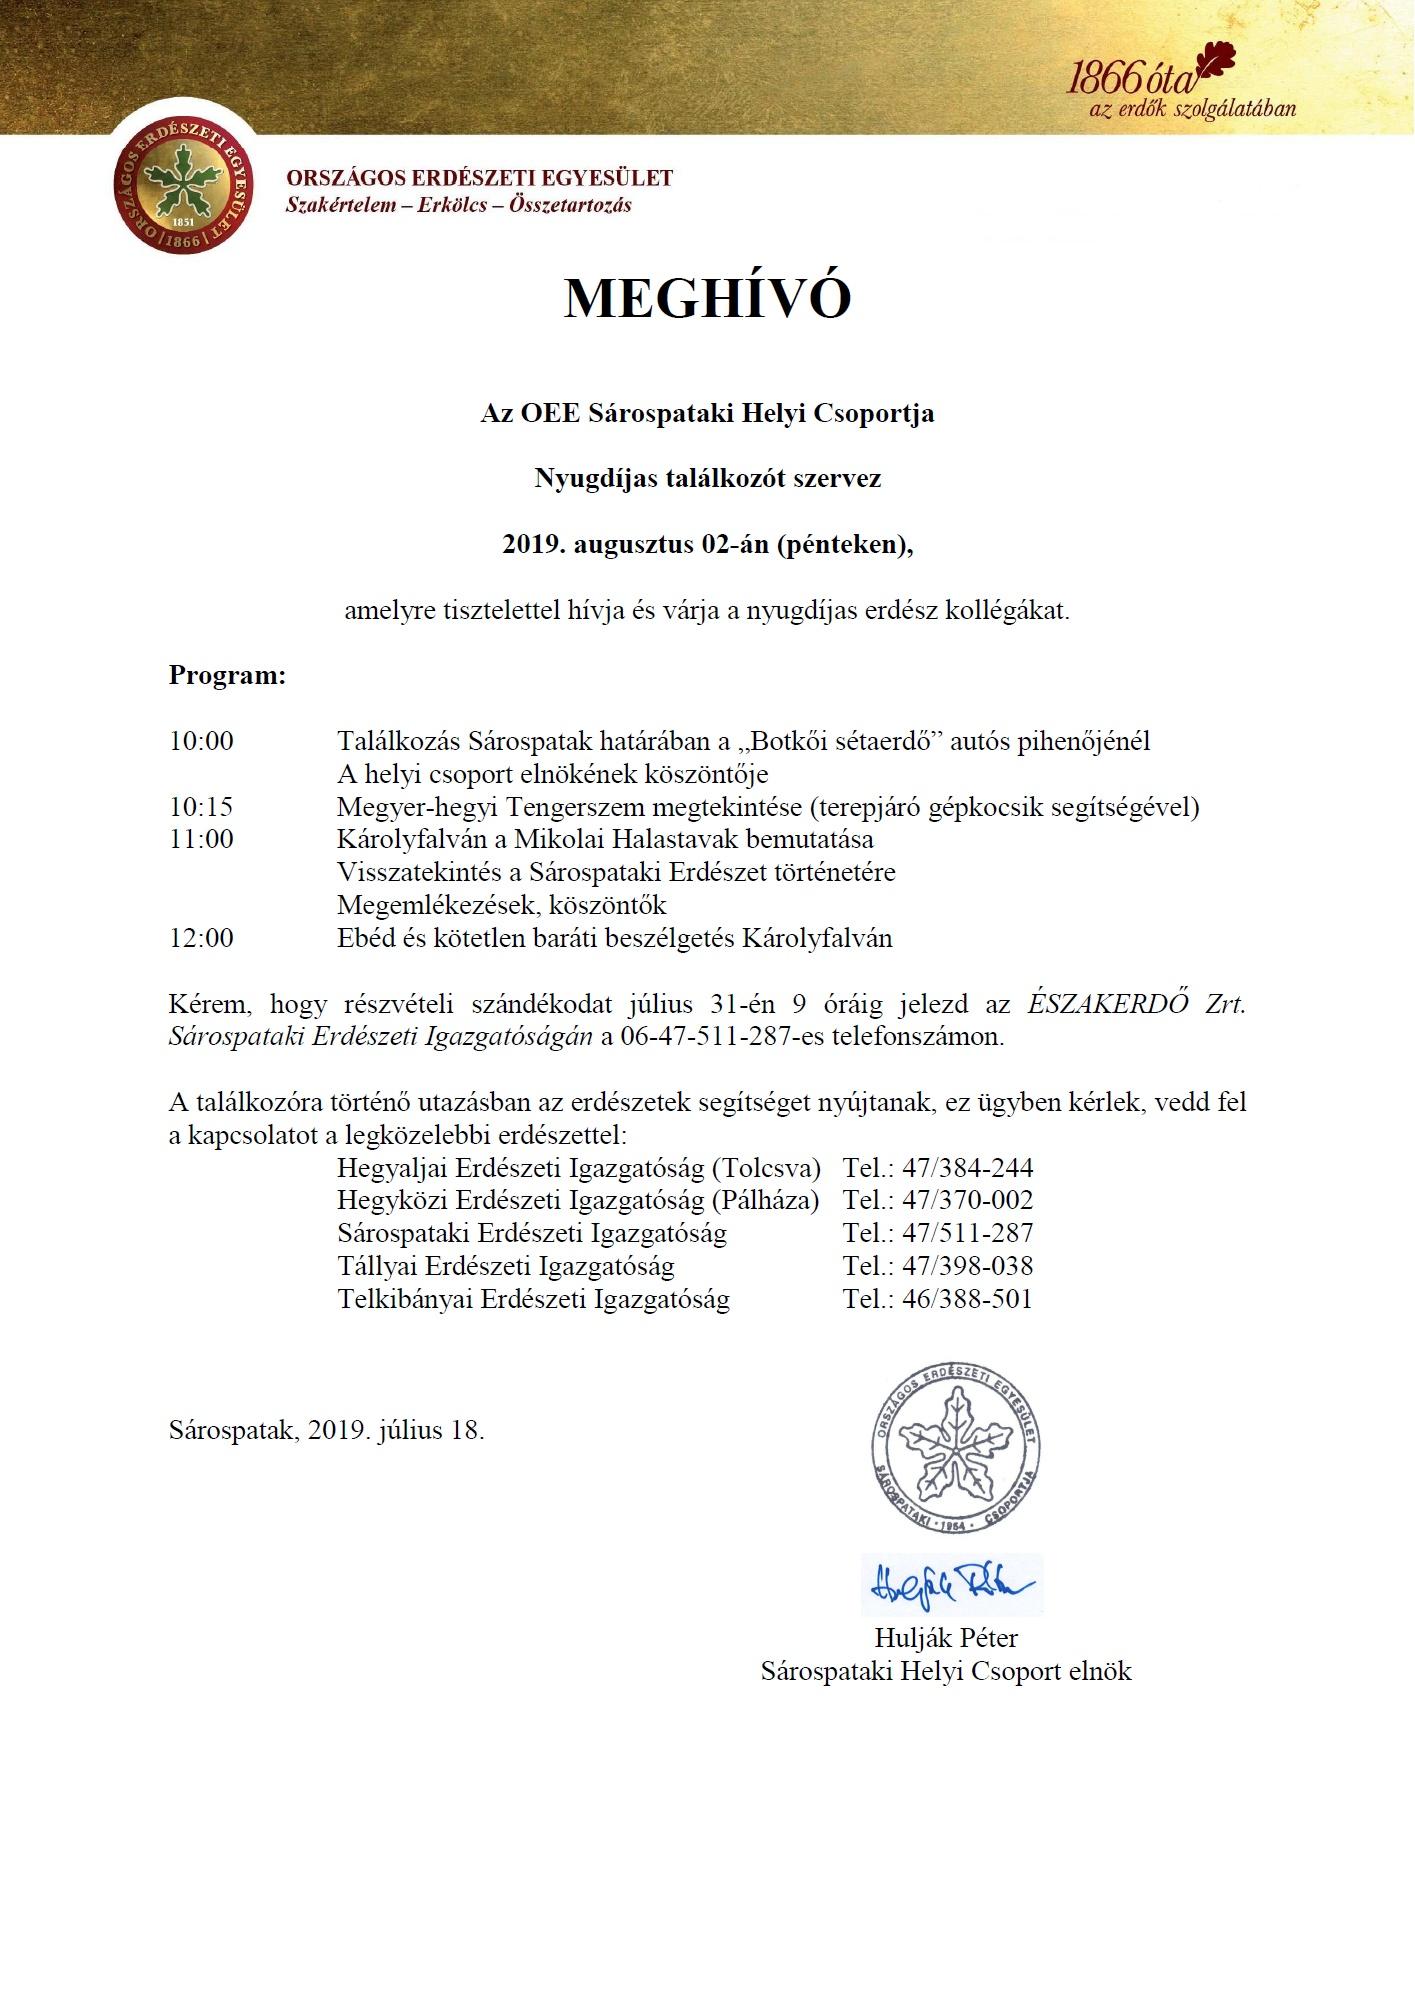 OEE Sárospataki HCS nyugdíjas találkozó